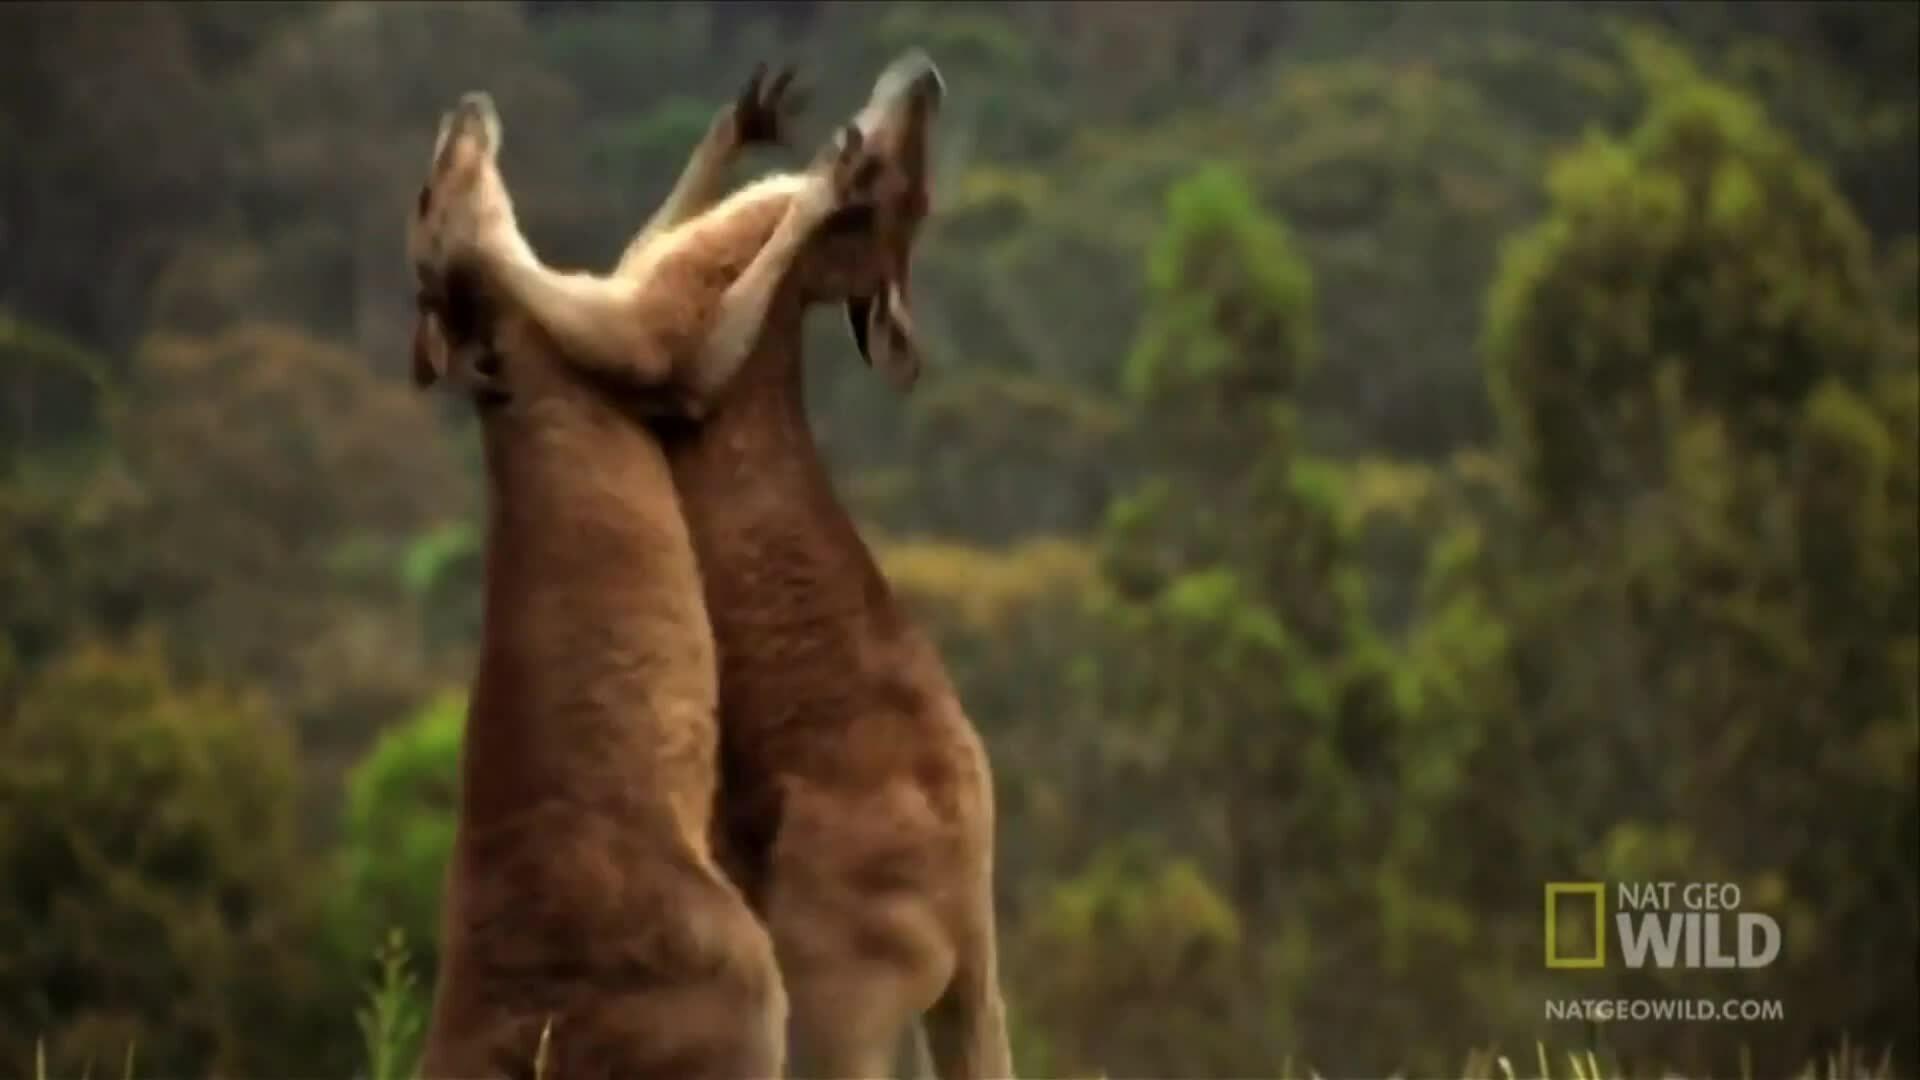 Kangaroo - võ sĩ đấm bốc thượng hạng trong tự nhiên